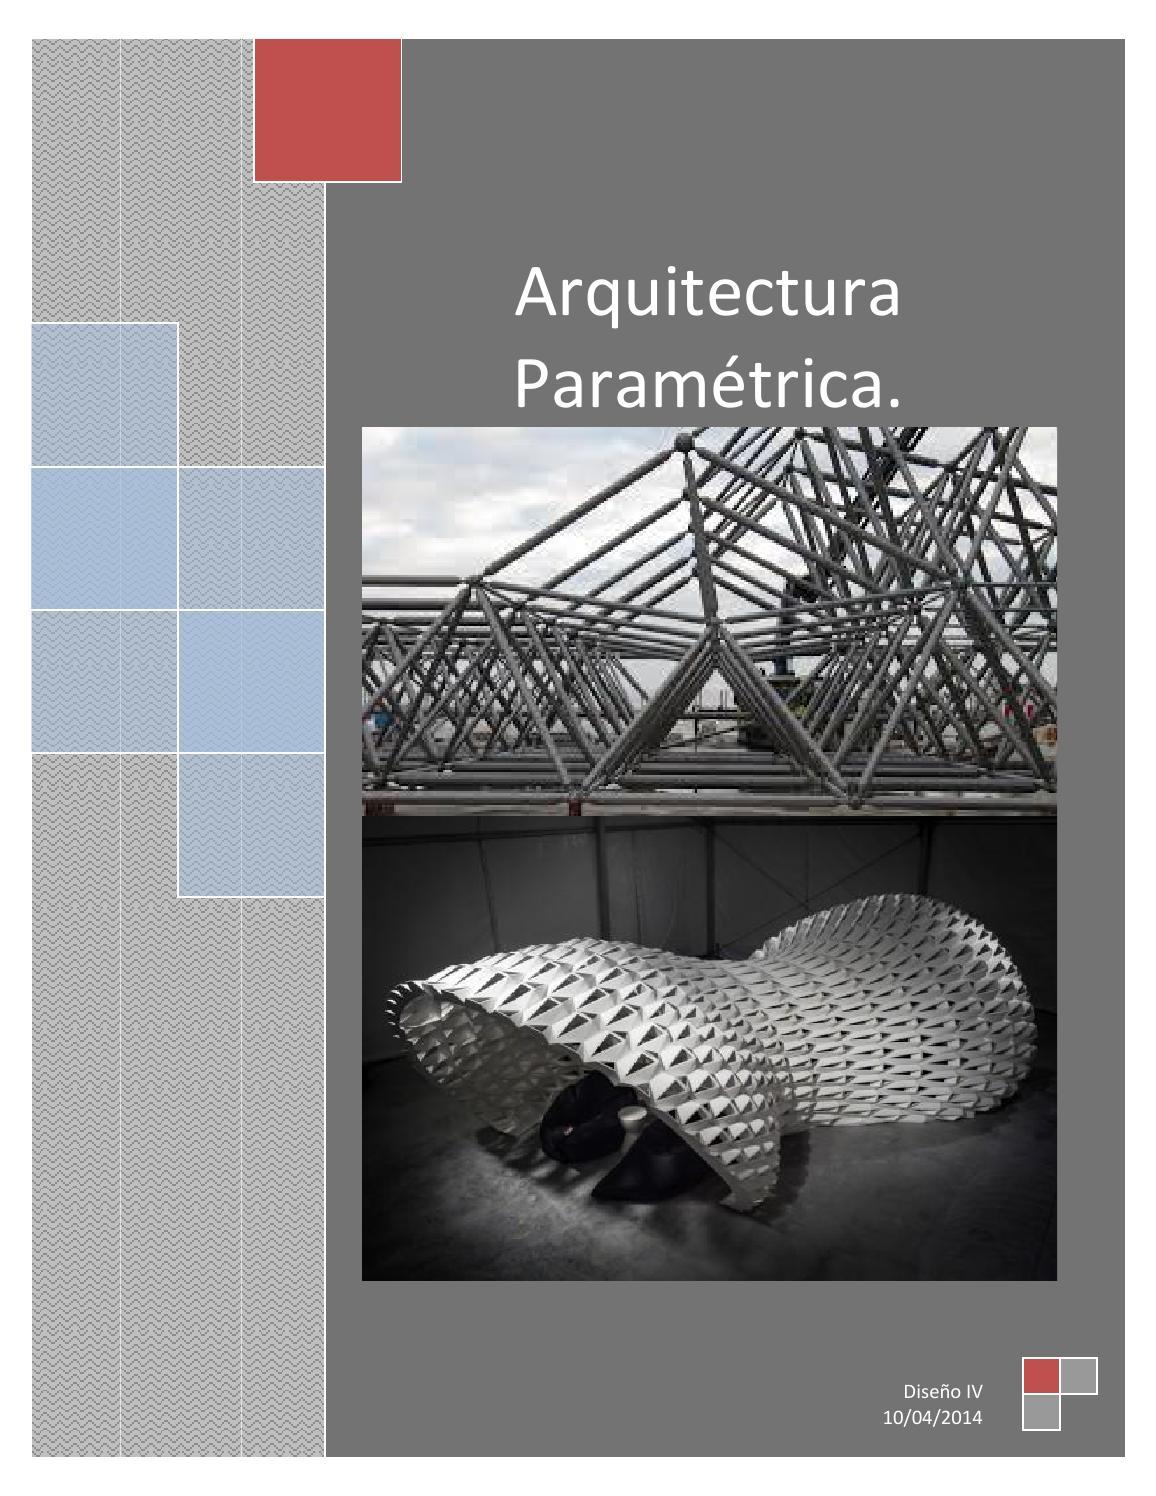 Arquitectura param trica by stepany rivas issuu for Arquitectura parametrica pdf